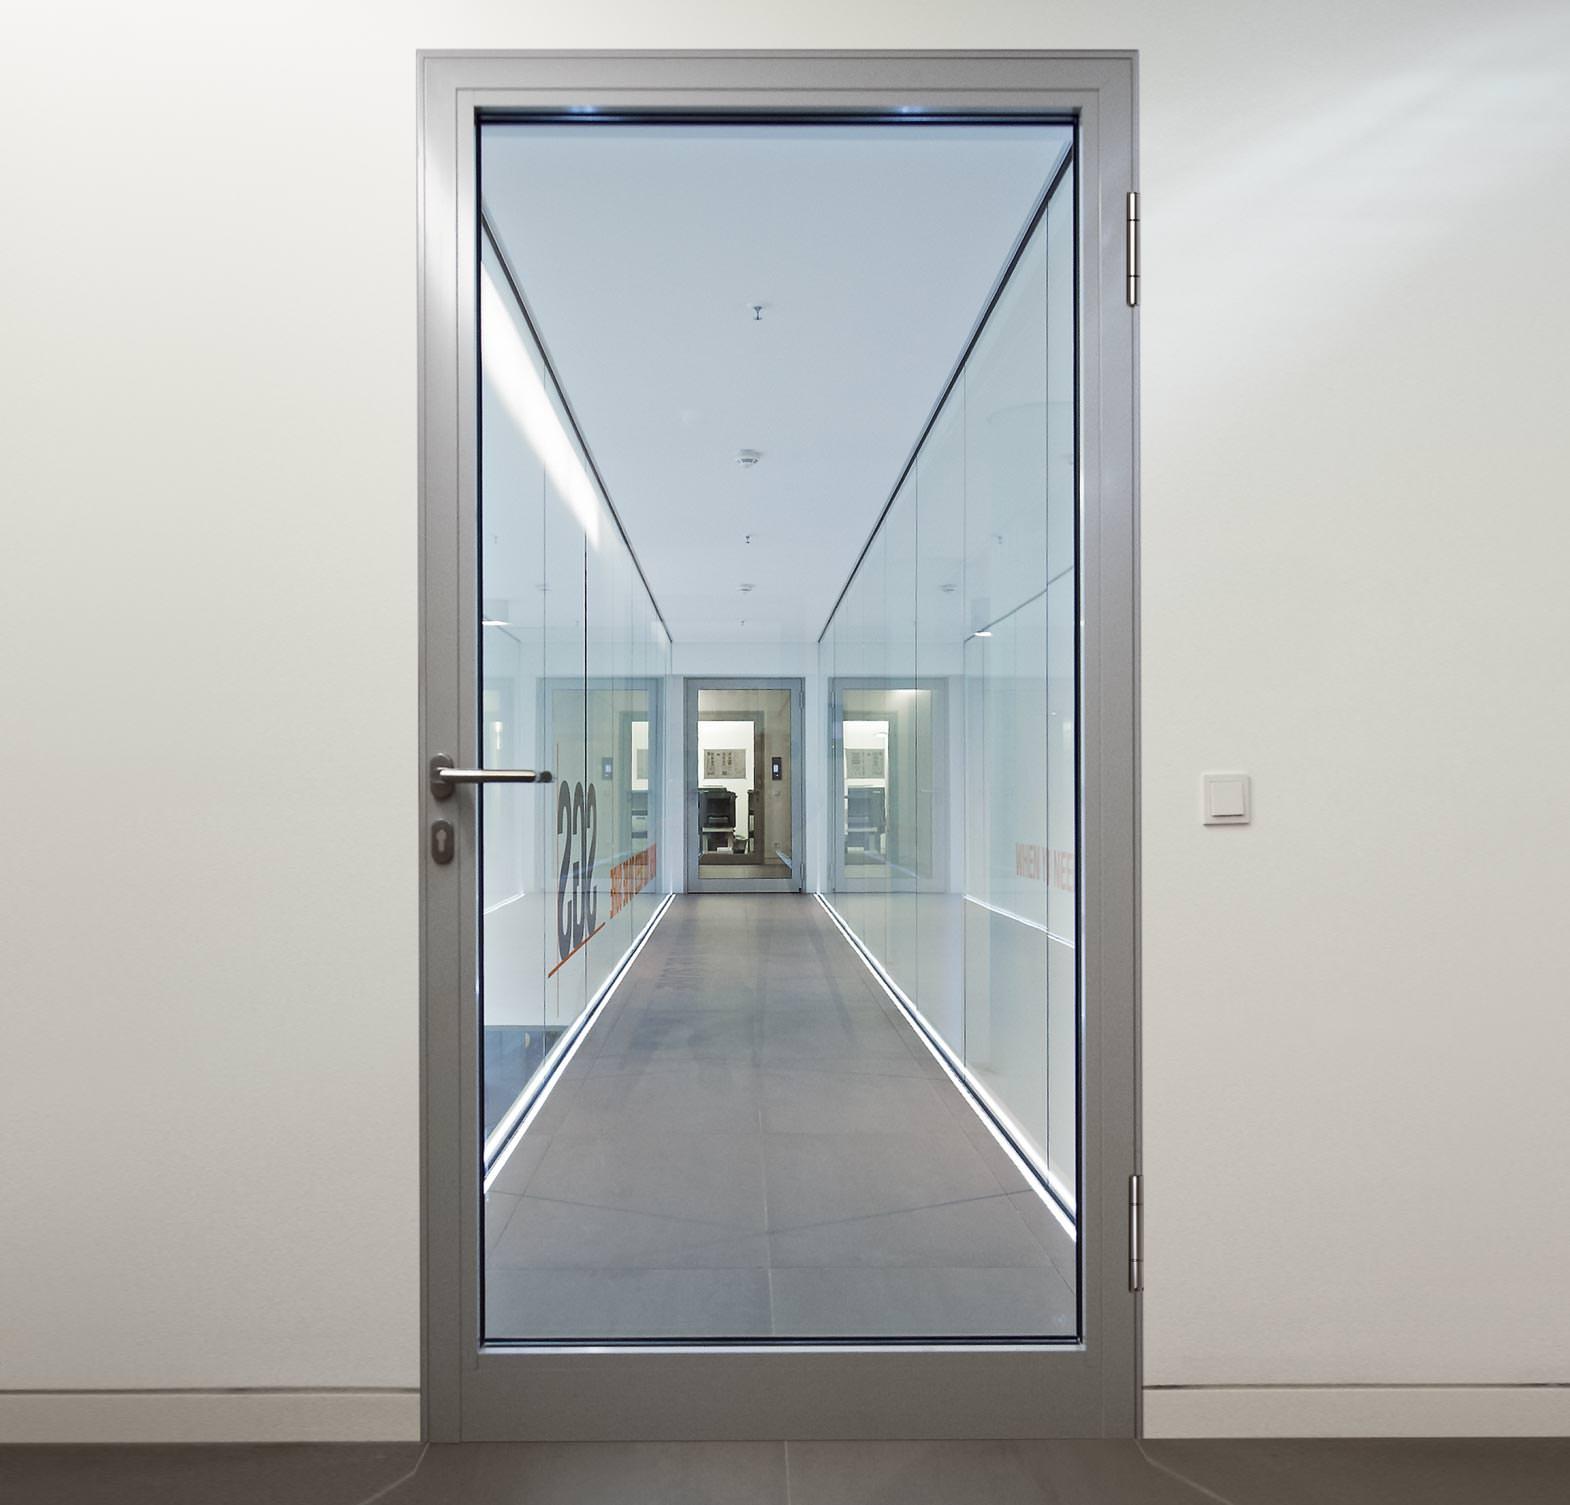 spiegellose aluminium zarge von h rmann f r gr tm gliche. Black Bedroom Furniture Sets. Home Design Ideas